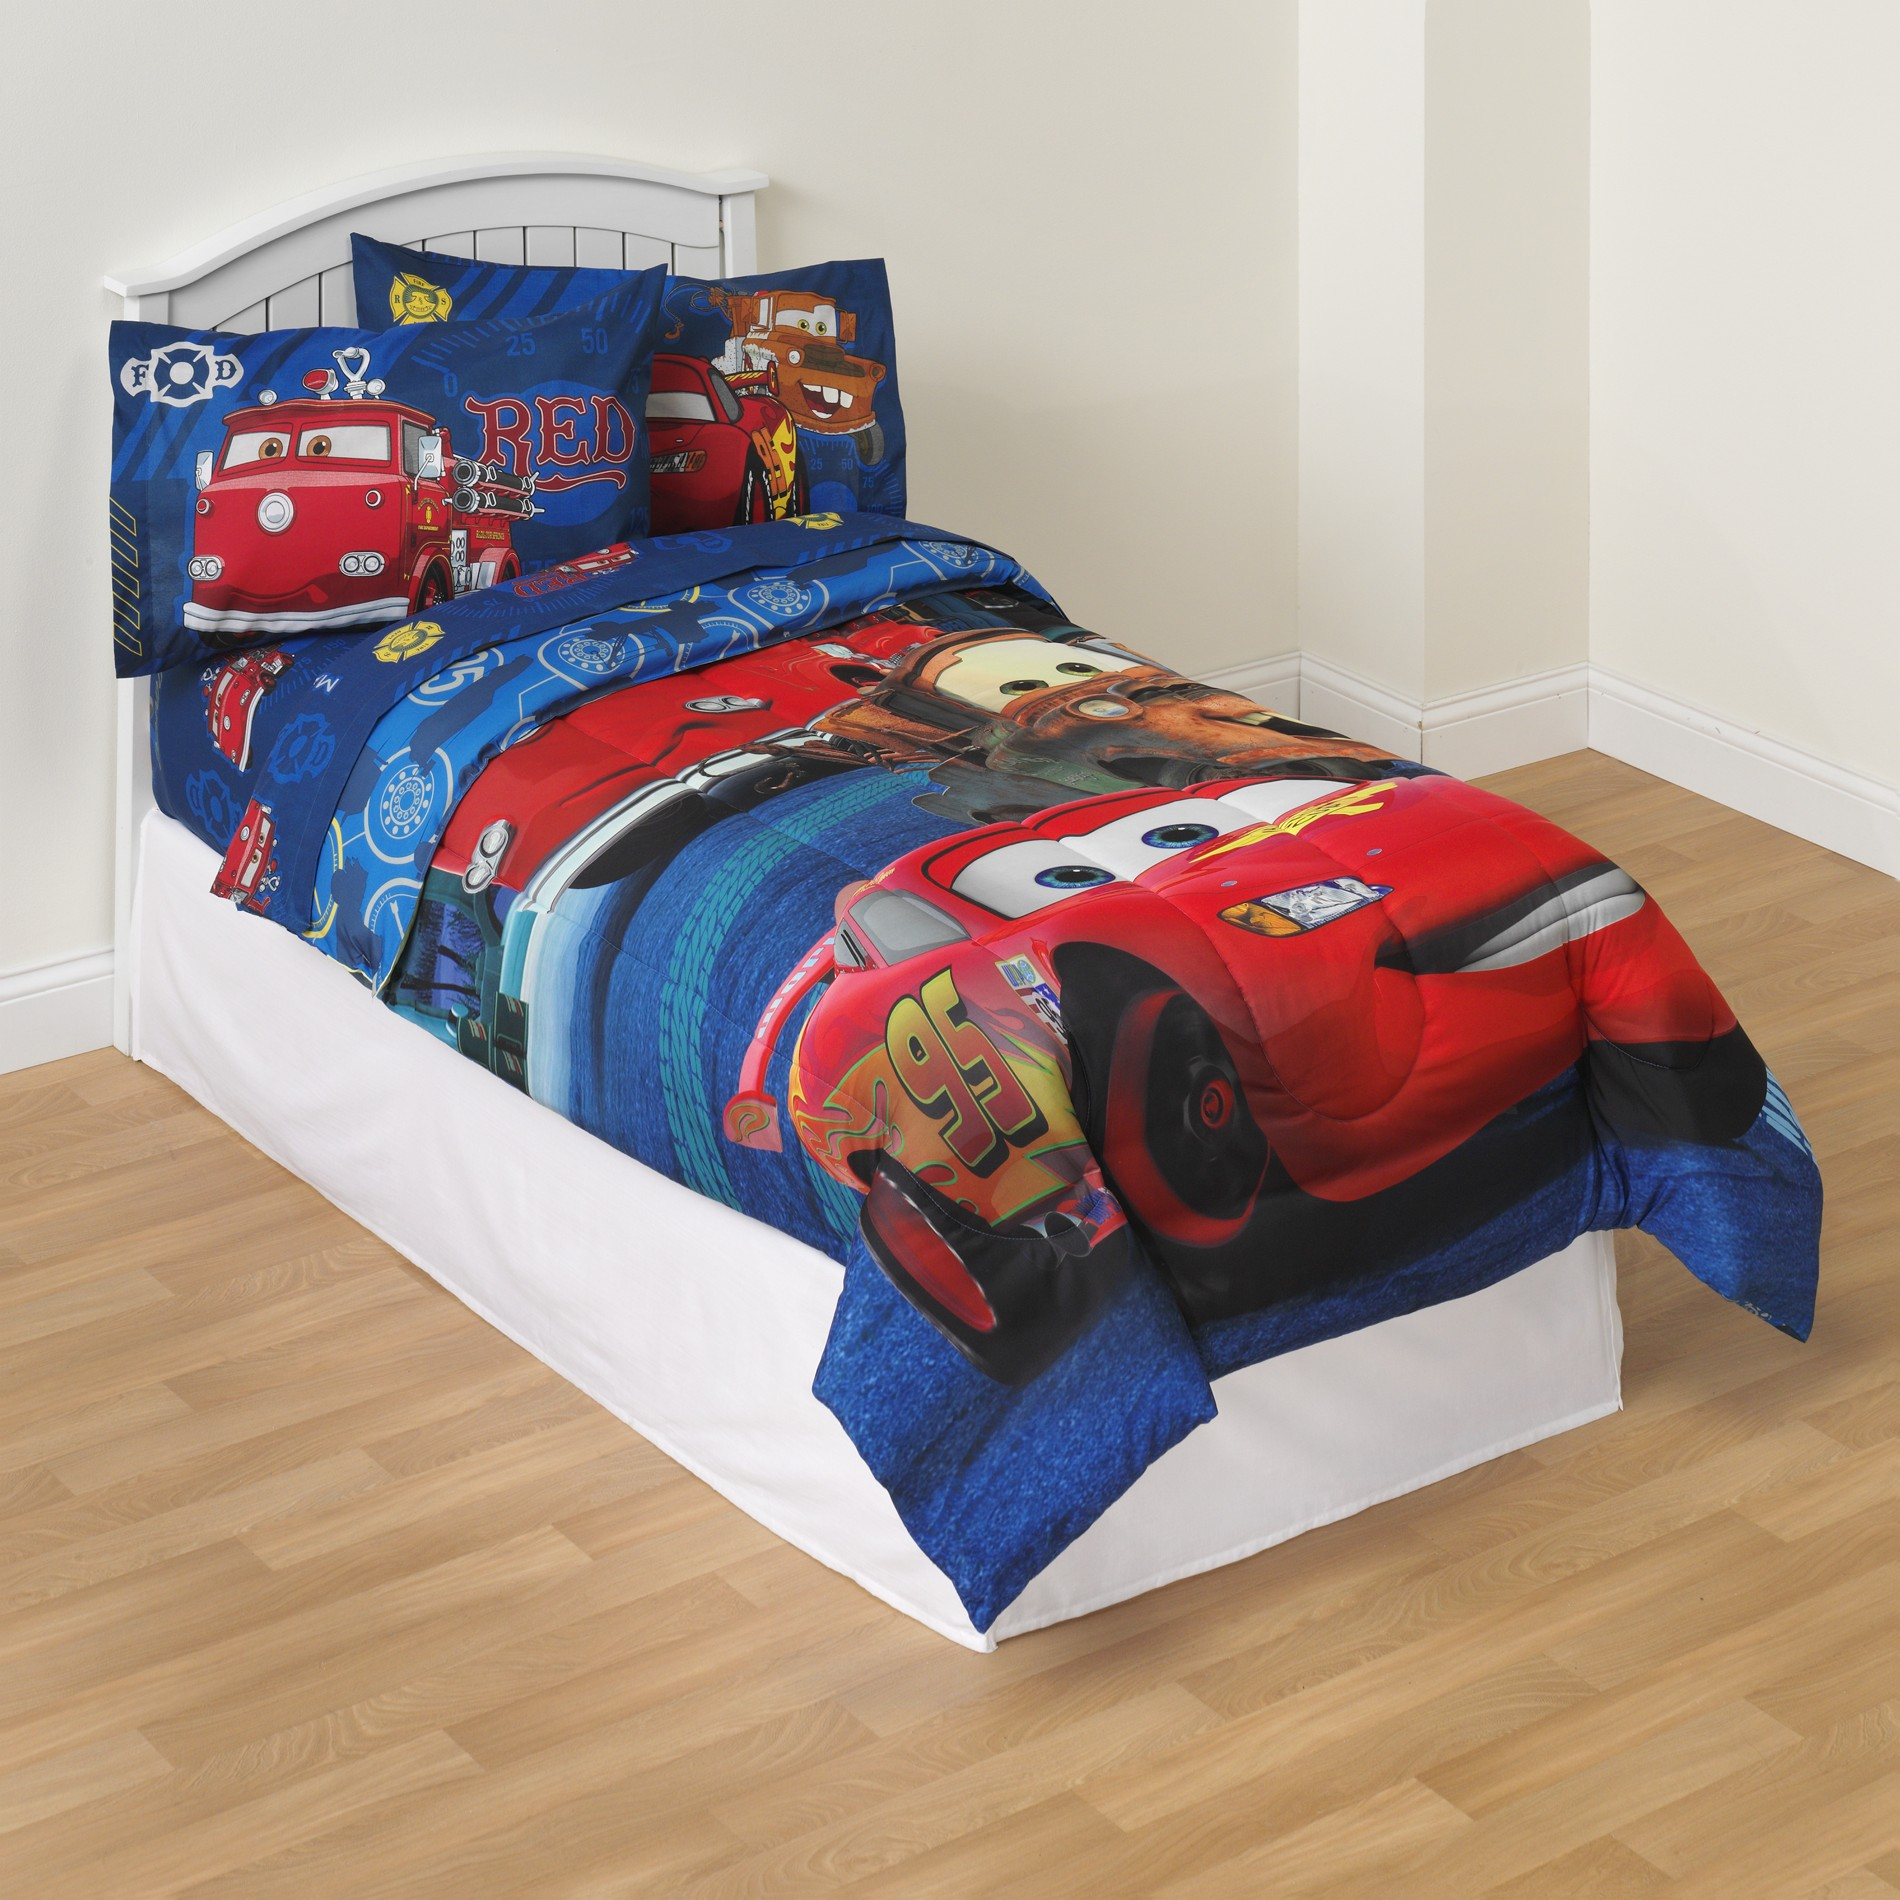 Disney Cars Boy' Pillowcase - Lightning Mcqueen & Mater